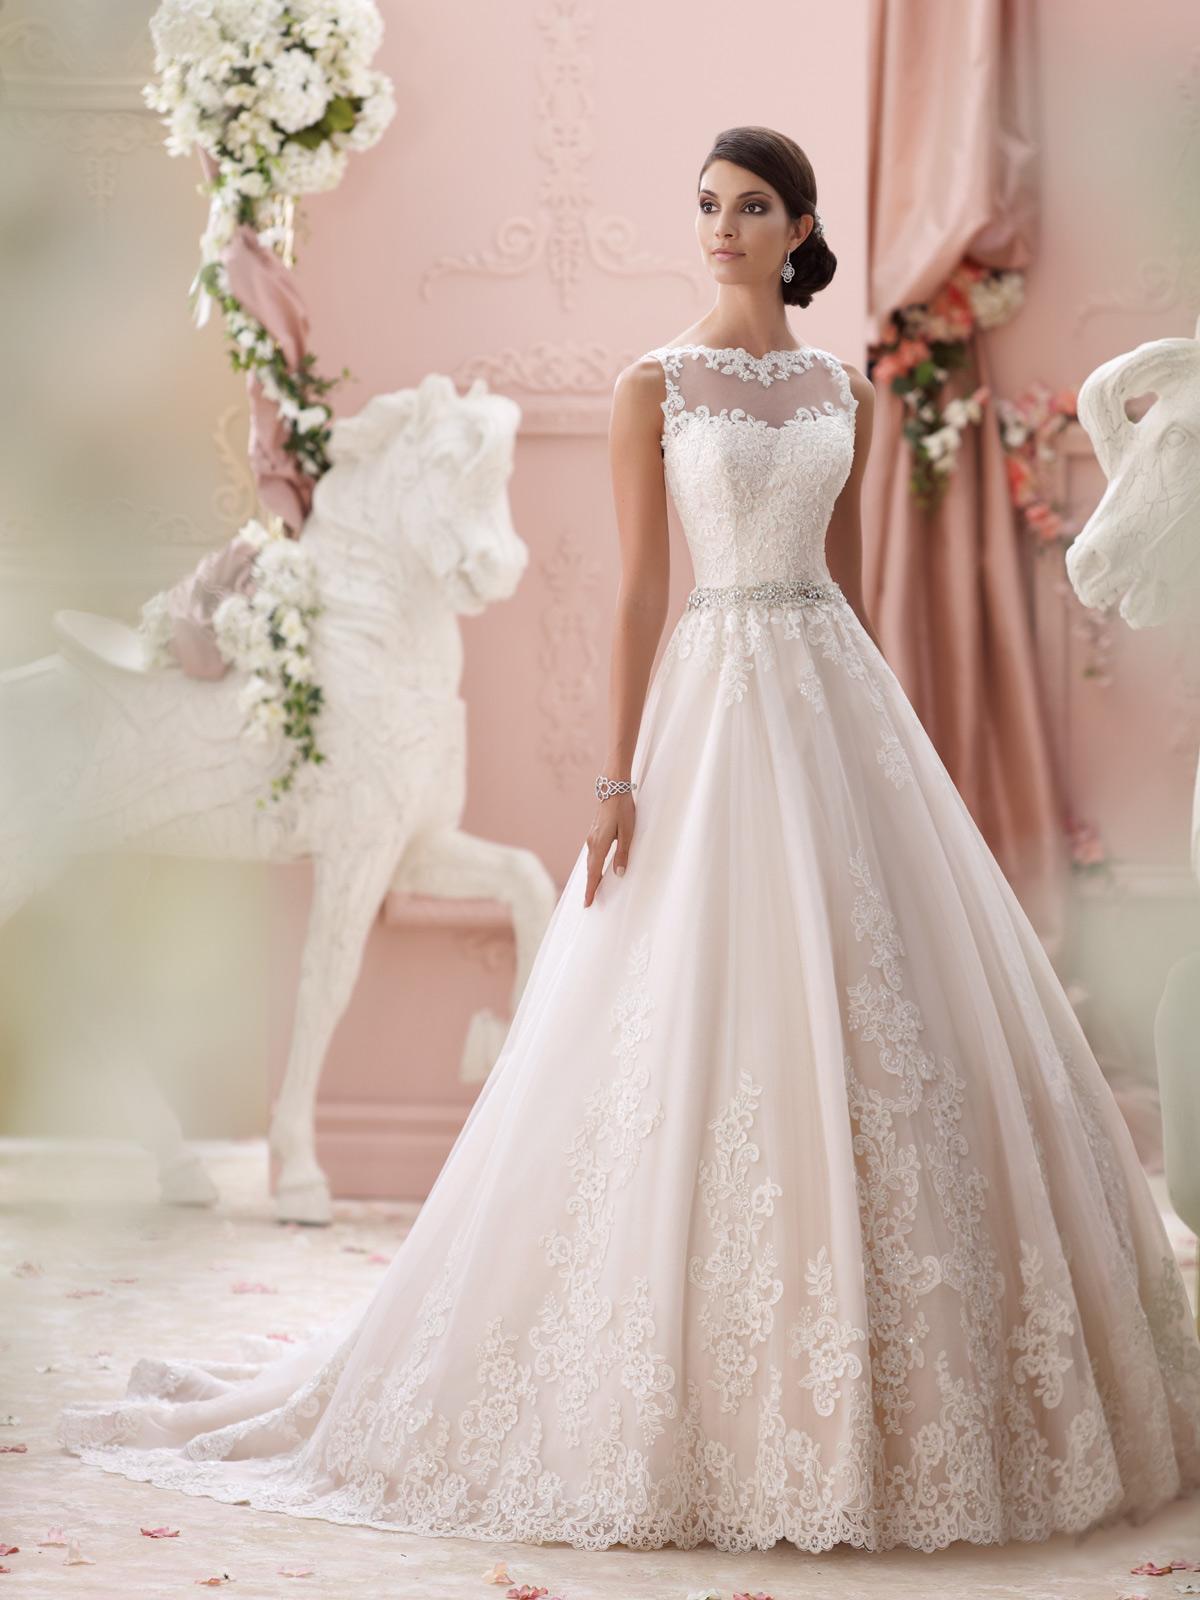 Vestido de Noiva Lana - Hipnose Alta Costura e Spa para Noivas e Noivos - Campinas - SP Vestido de Noiva, Vestidos de Noiva Princesa, Hipnose Alta Costura, Vestido de Noiva Lana